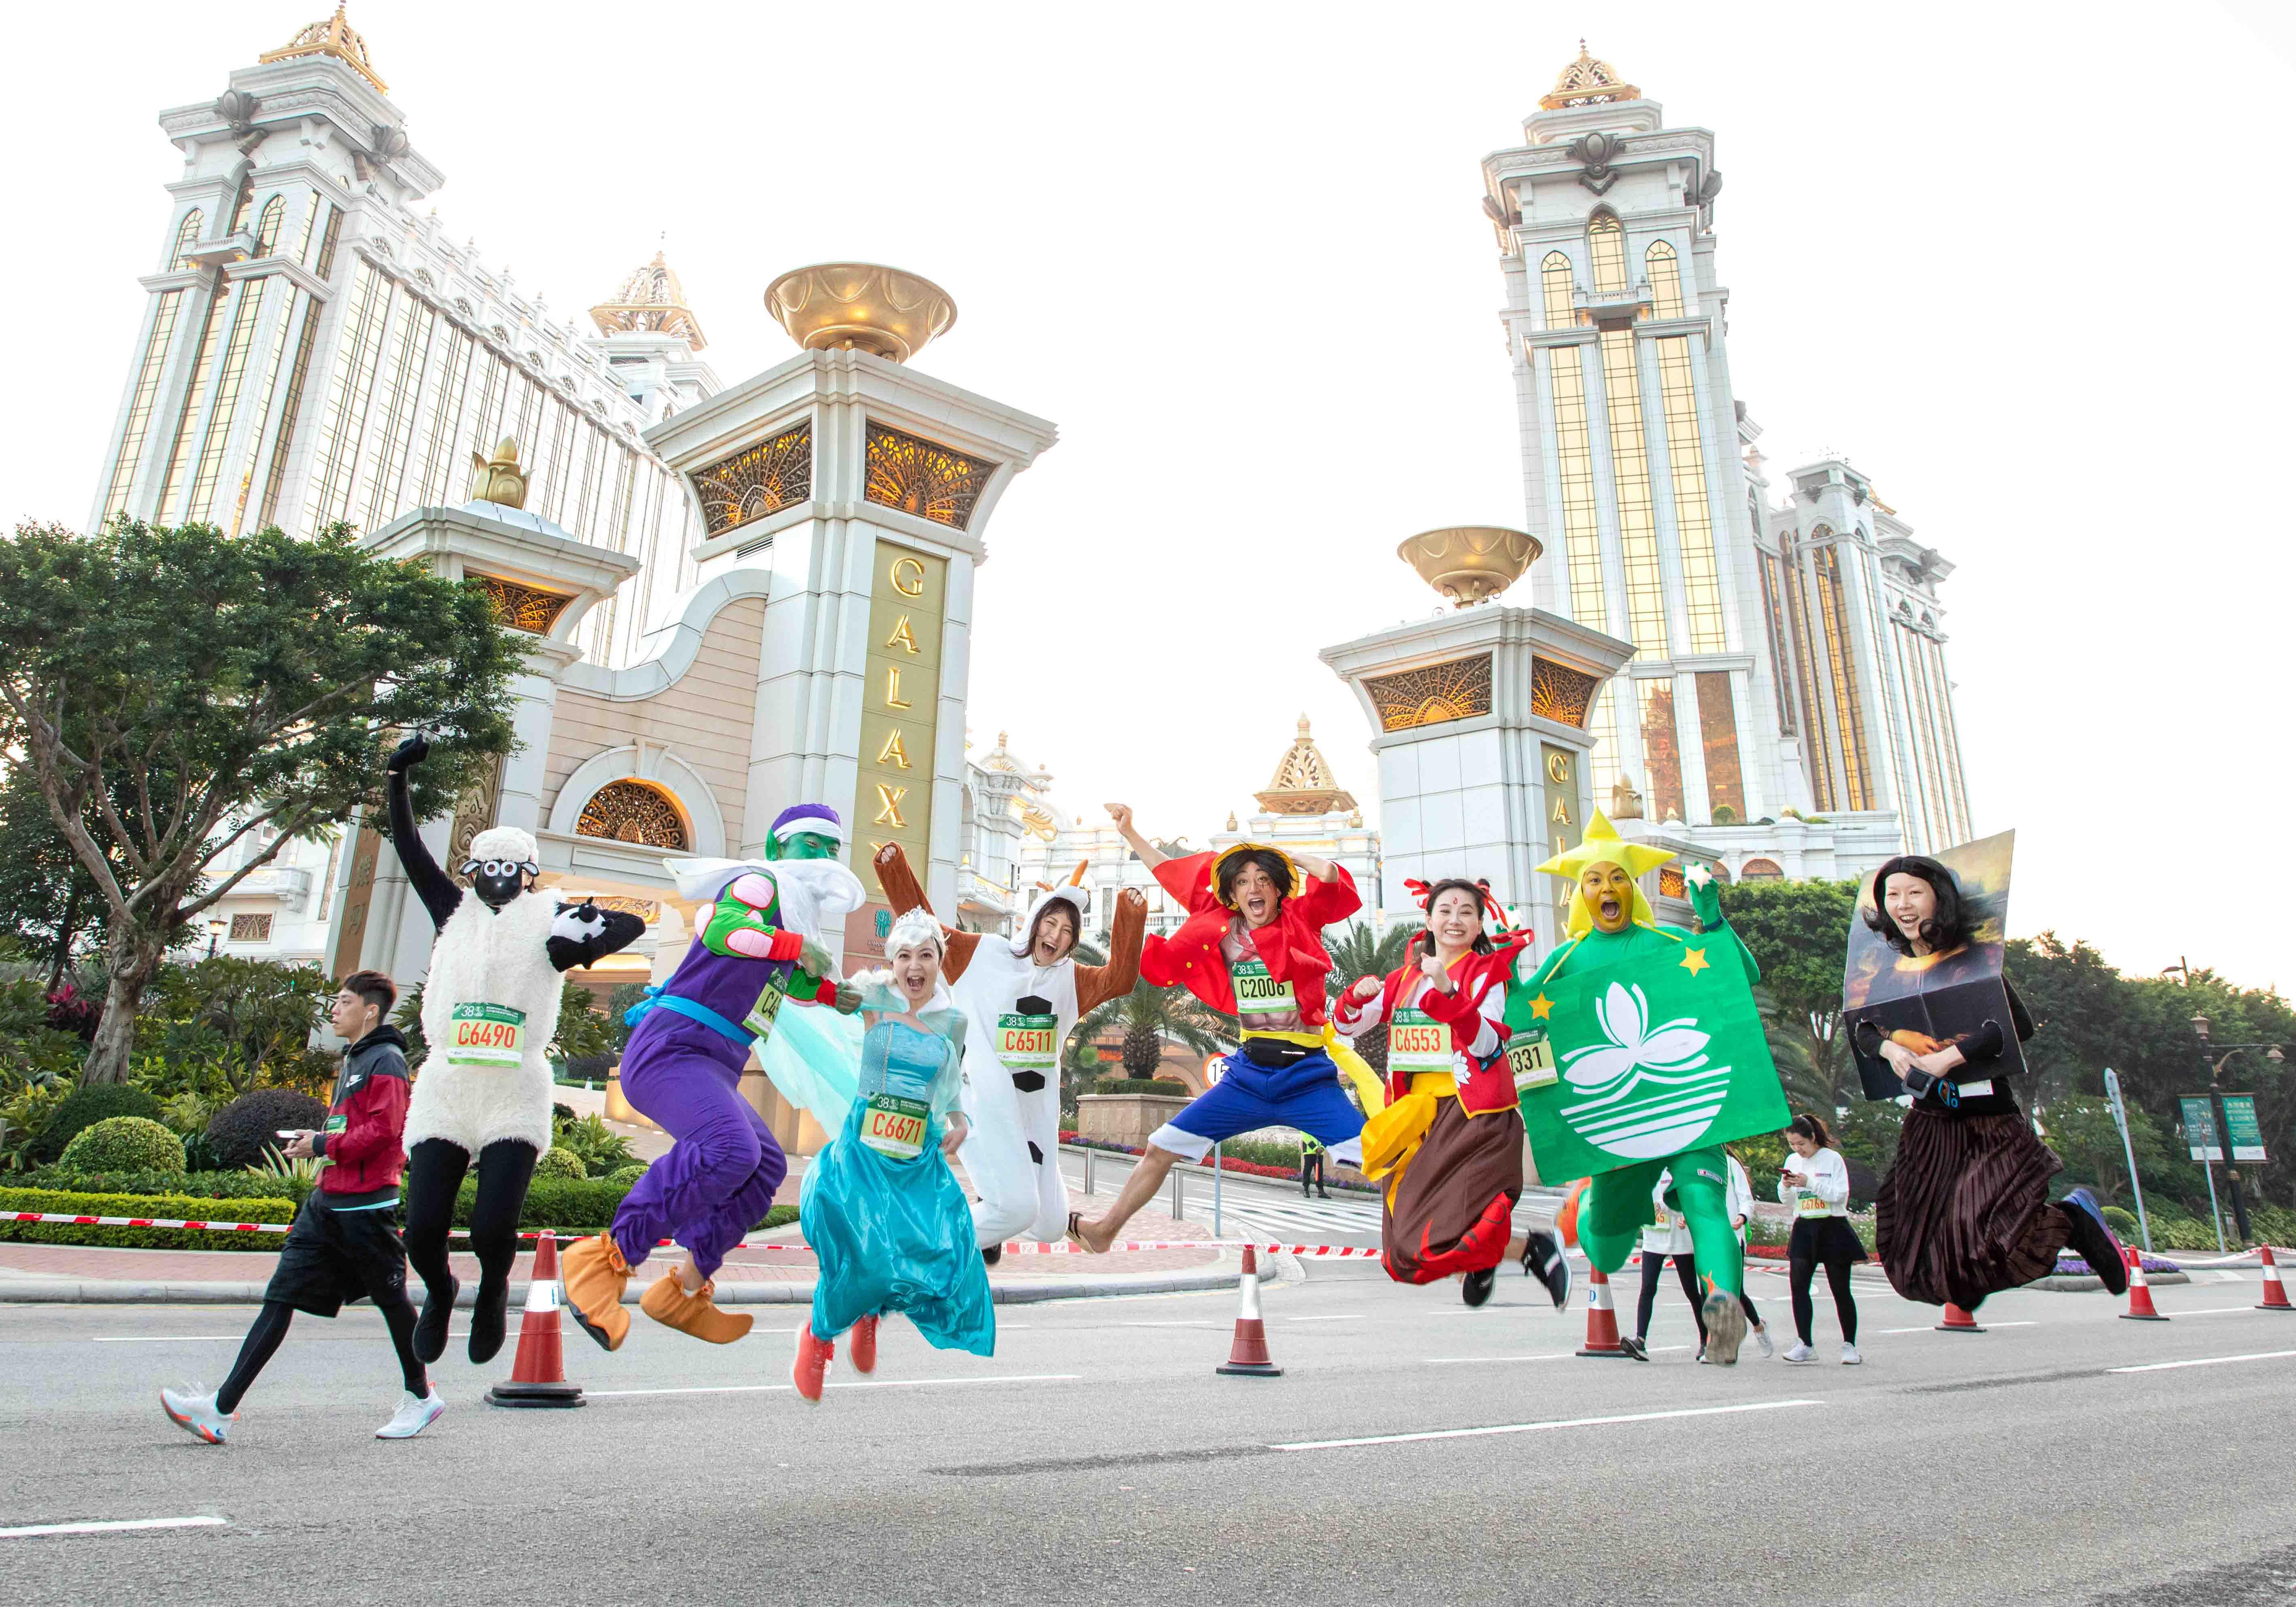 銀河娛樂澳門國際馬拉松吸引不少跑手精心裝扮作賽。相片由公關提供